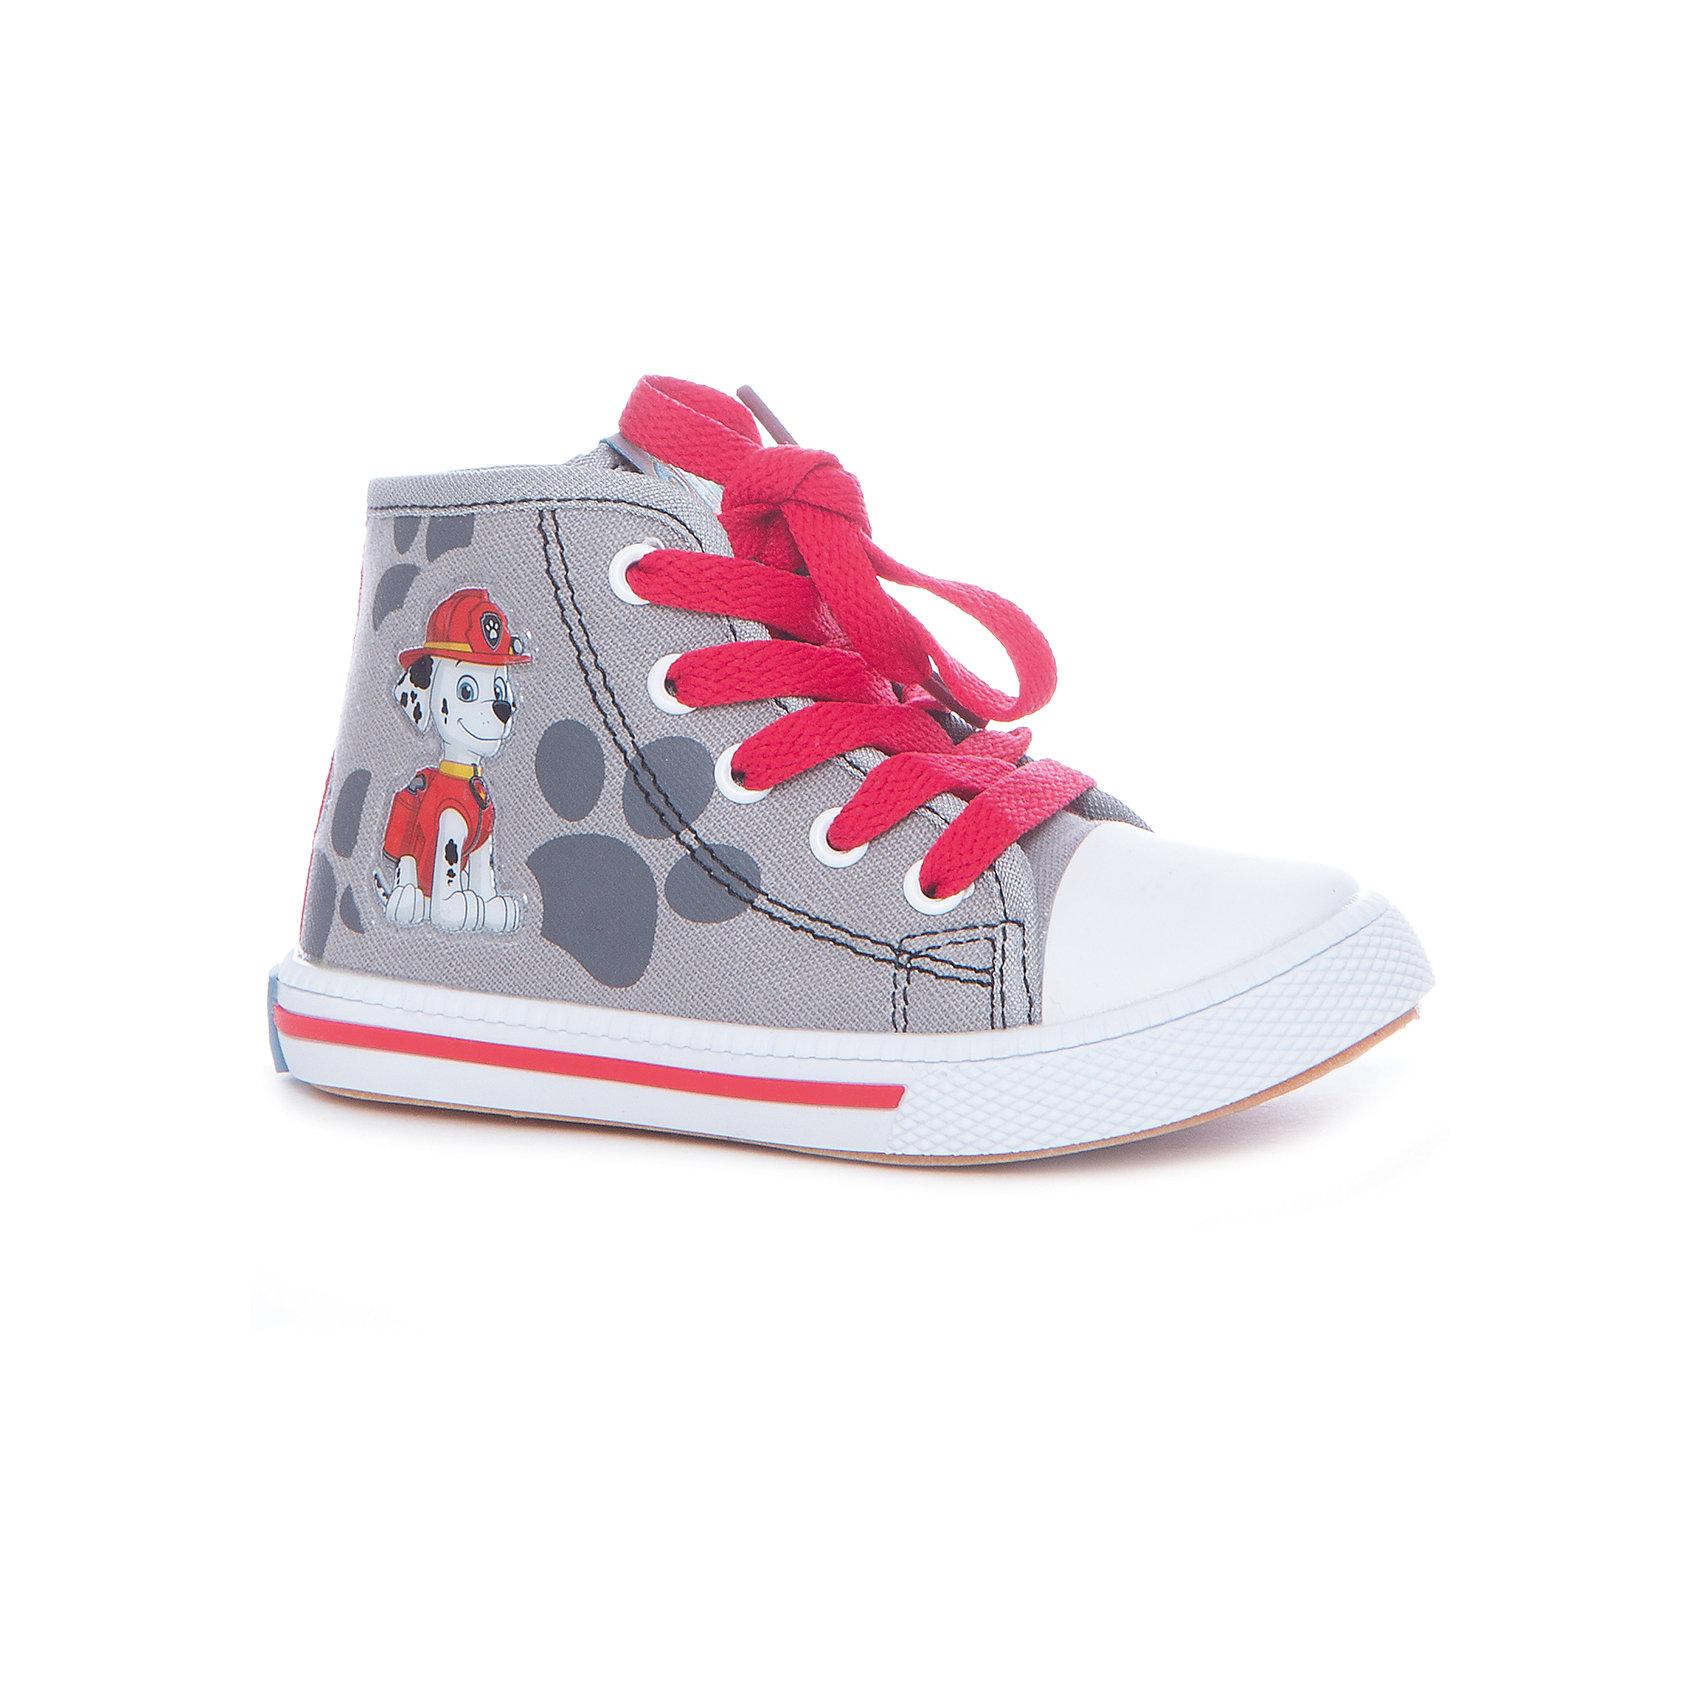 Кеды для мальчика KakaduКеды<br>Характеристики:<br><br>• цвет: серый<br>• внешний метариал обуви: текстиль<br>• внутренний материал обуви: 100% хлопок<br>• стелька: 100% хлопок<br>• подошва: ПВХ<br>• высота подошвы: 1 см<br>• анатомическая стелька<br>• съёмная стелька<br>• застежка: молния сбоку, шнурки<br>• защищённый мыс<br>• сезон: лето<br>• тип обуви: высокие кеды<br>• тип подошвы: рифлёная<br>• способ крепления подошвы: литая<br>• изображение геров мультфильма Щенячий патруль<br>• уход: удаление загрязнений мягкой щеткой<br>• страна бренда: Россия<br>• страна производства: Китай<br><br>Полуботинки для мальчика KAKADU от Сrossway – это обувь, которая характеризуется высокими качественными и потребительскими характеристиками: прочная, удобная и при этом модная, и яркая! Полуботинки предназначены для летних прогулок. Они выполнены с учетом анатомических особенностей детской стопы: у конструкции стельки предусмотрен профилированный свод стопы, который способствует не только правильной фиксации ноги, но и является эффективным средством профилактики плоскостопия. <br><br>Верх изделия – из текстиля, который обладает высокой воздухопроницаемостью и гигроскопичностью, внутренняя часть и съемная стелька изготовлены из хлопка. Подошва выполнена из поливинилхлорида, который особенно устойчив к истиранию. <br><br>Сбоку предусмотрена застежка-молния, спереди – шнуровка, которая выполняет не только декоративные функции, но и обеспечивает хорошую фиксацию обуви. Высокие кеды имеют классическую форму и стильный дизайн: выполнены с эффектом джинсовой ткани и декорированы изображением в виде героя из мультфильма Щенячий патруль – Гонщика.<br><br>Полуботинки для мальчика KAKADU можно купить в нашем интернет-магазине.<br><br>Ширина мм: 262<br>Глубина мм: 176<br>Высота мм: 97<br>Вес г: 427<br>Цвет: серый<br>Возраст от месяцев: 72<br>Возраст до месяцев: 84<br>Пол: Мужской<br>Возраст: Детский<br>Размер: 30,25,26,27,28,29<br>SKU: 5386405